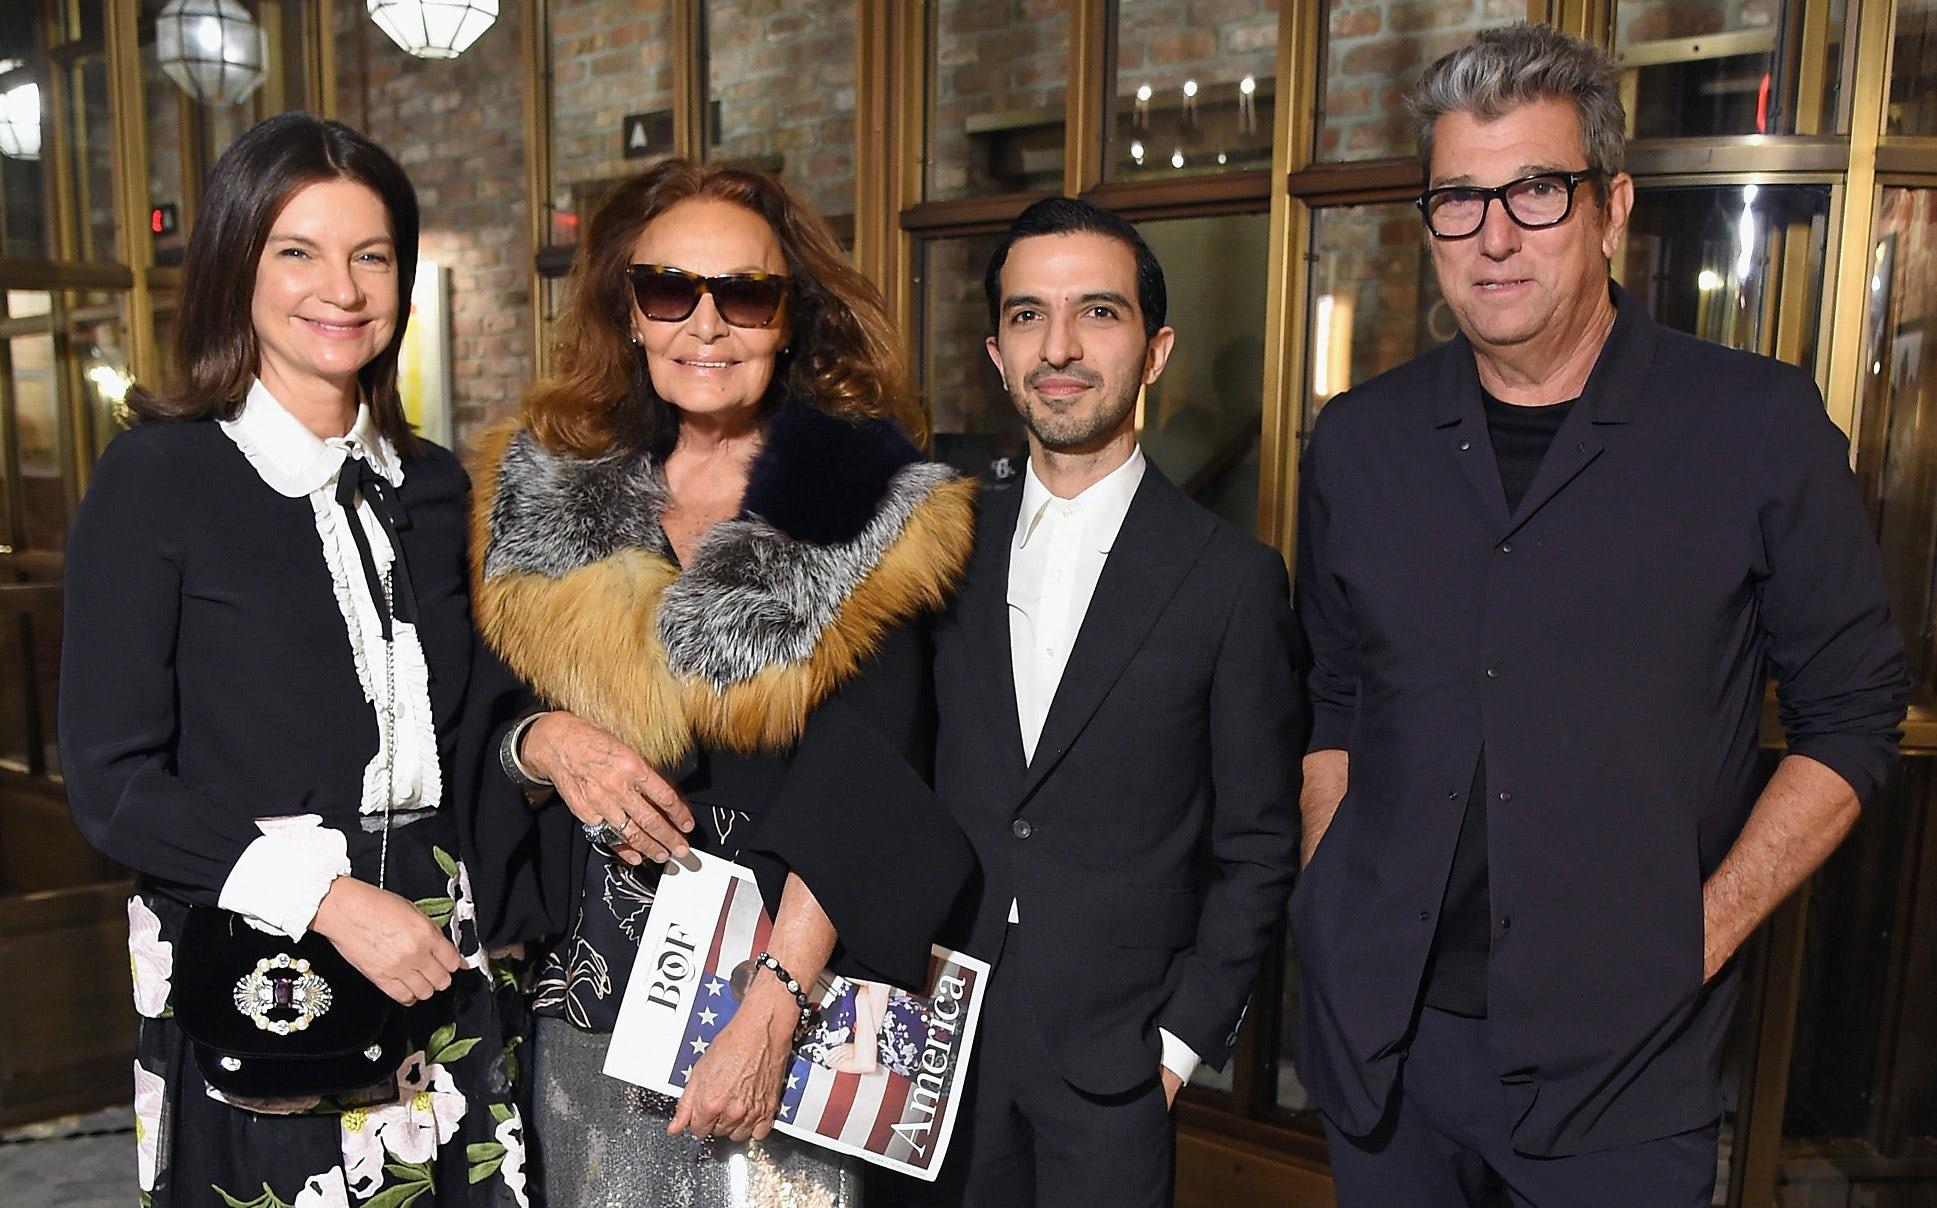 Natalie Massenet, Diane von Furstenberg, Imran Amed, and Andrew Rosen | Source: Michael Loccisano/Getty Images